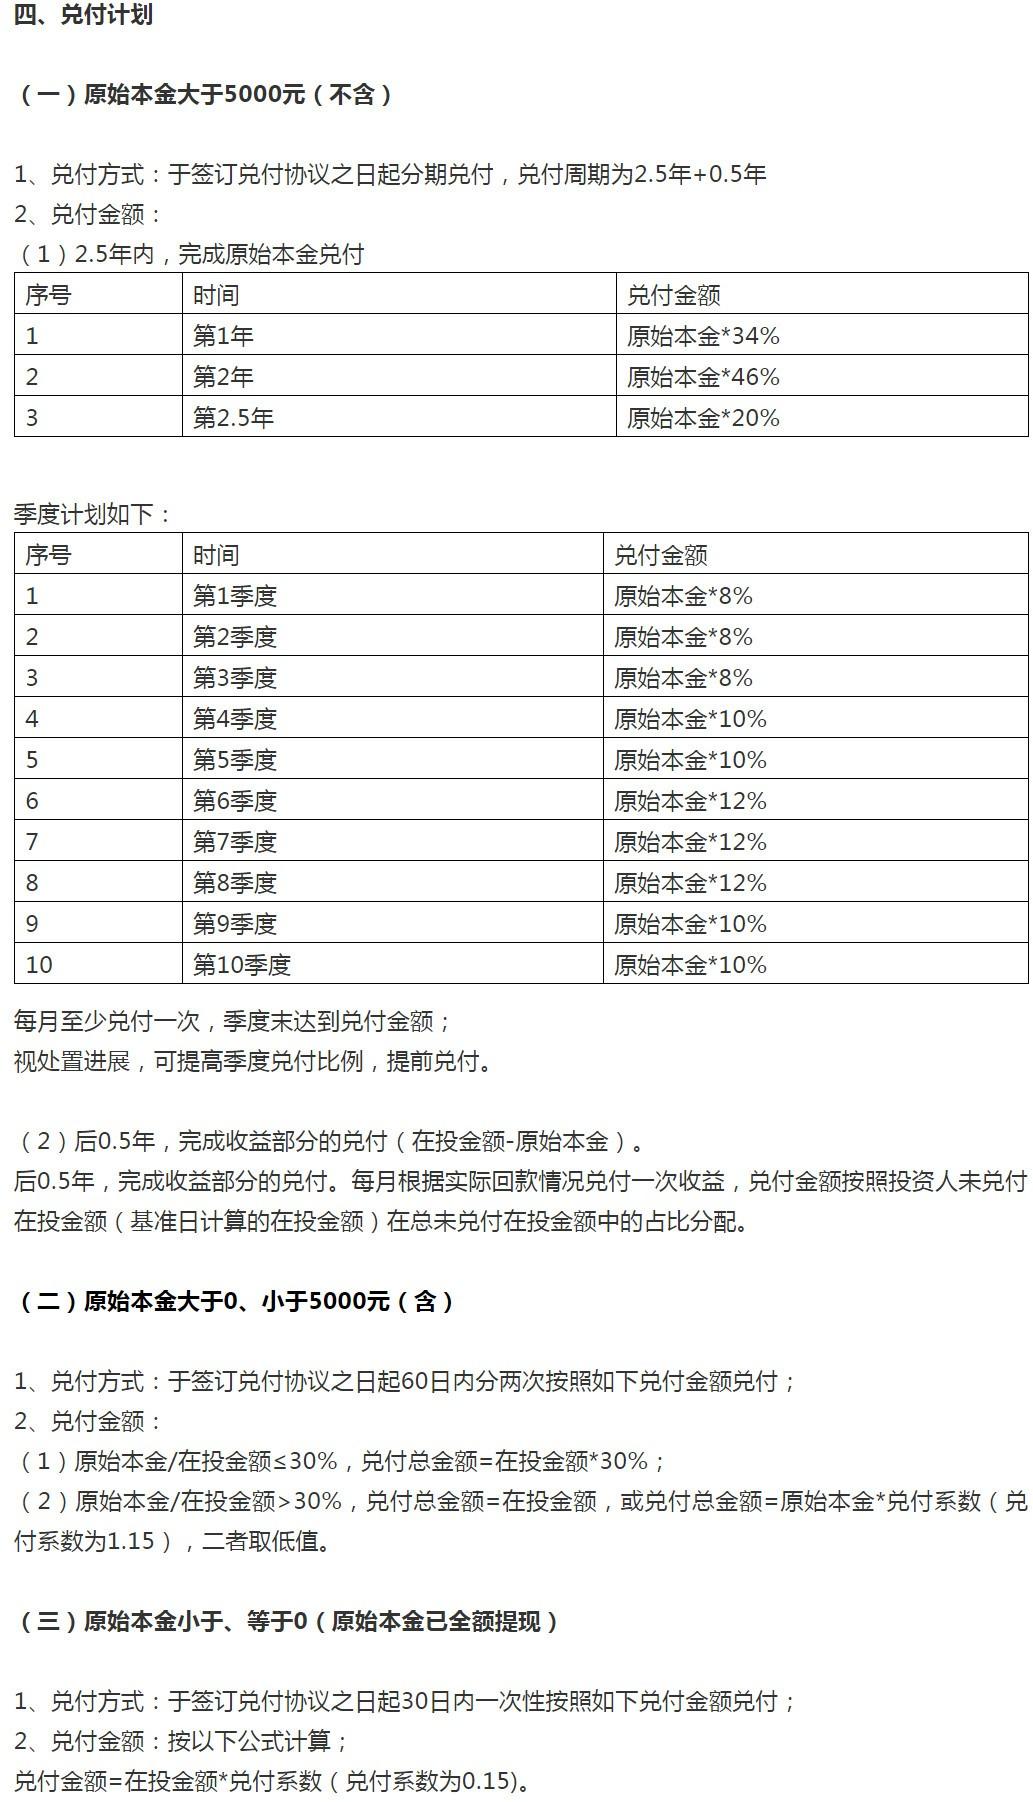 冯鑫被批捕,暴风金融回应质疑:为何没公布资产清单